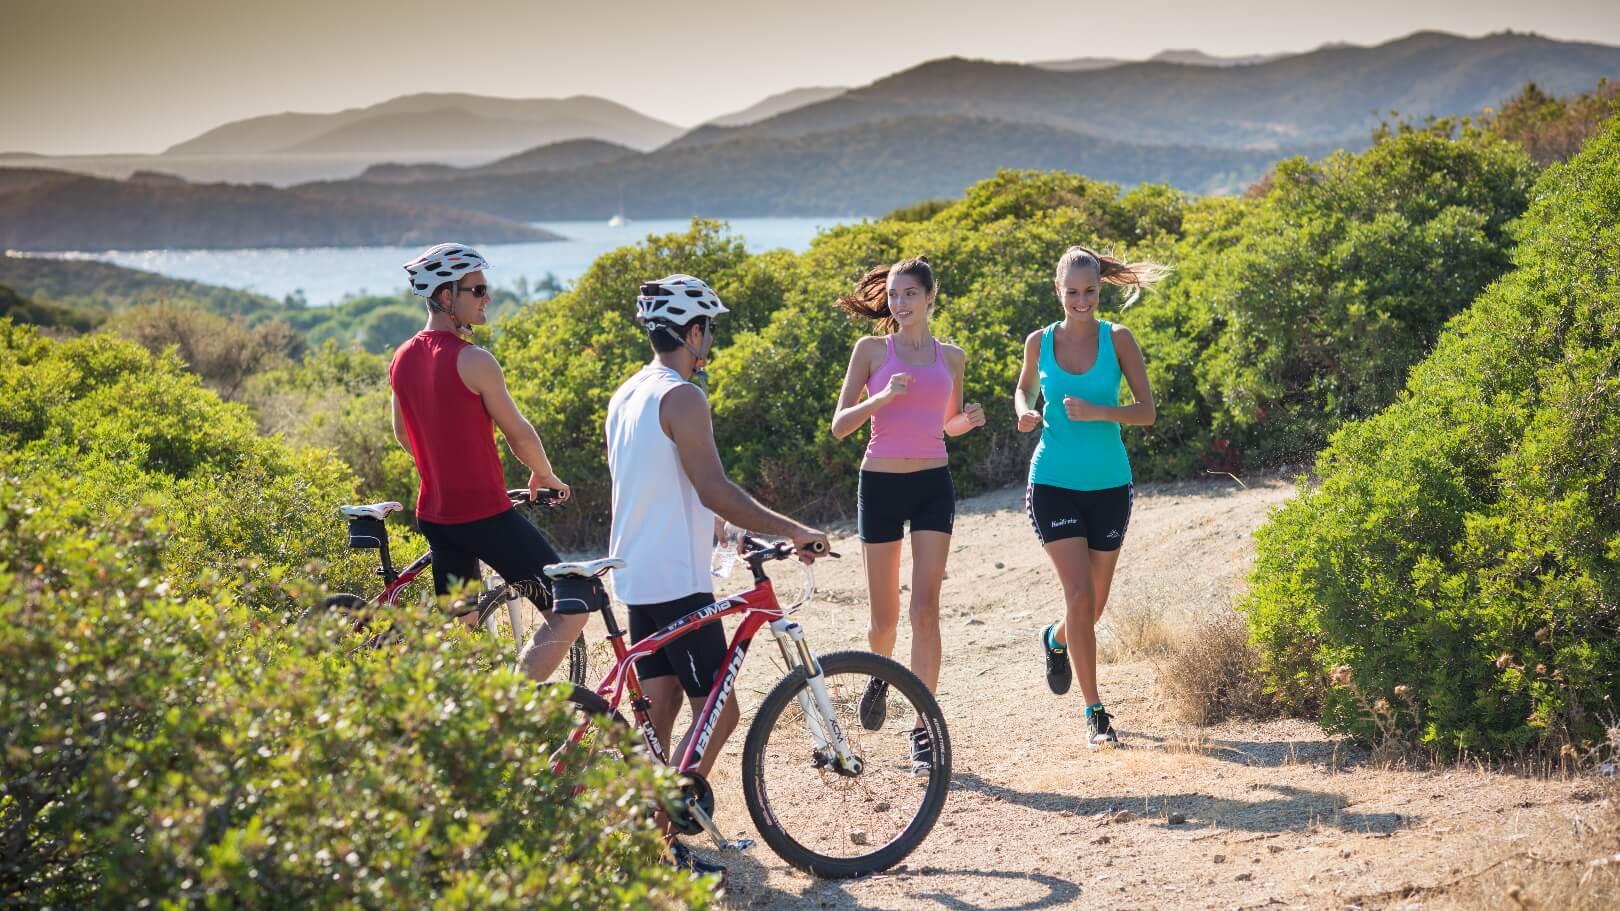 https://www.chialagunaresort.com/wp-content/uploads/2021/05/IHC_Chia-Laguna-Resort_grid_running-bike.jpg